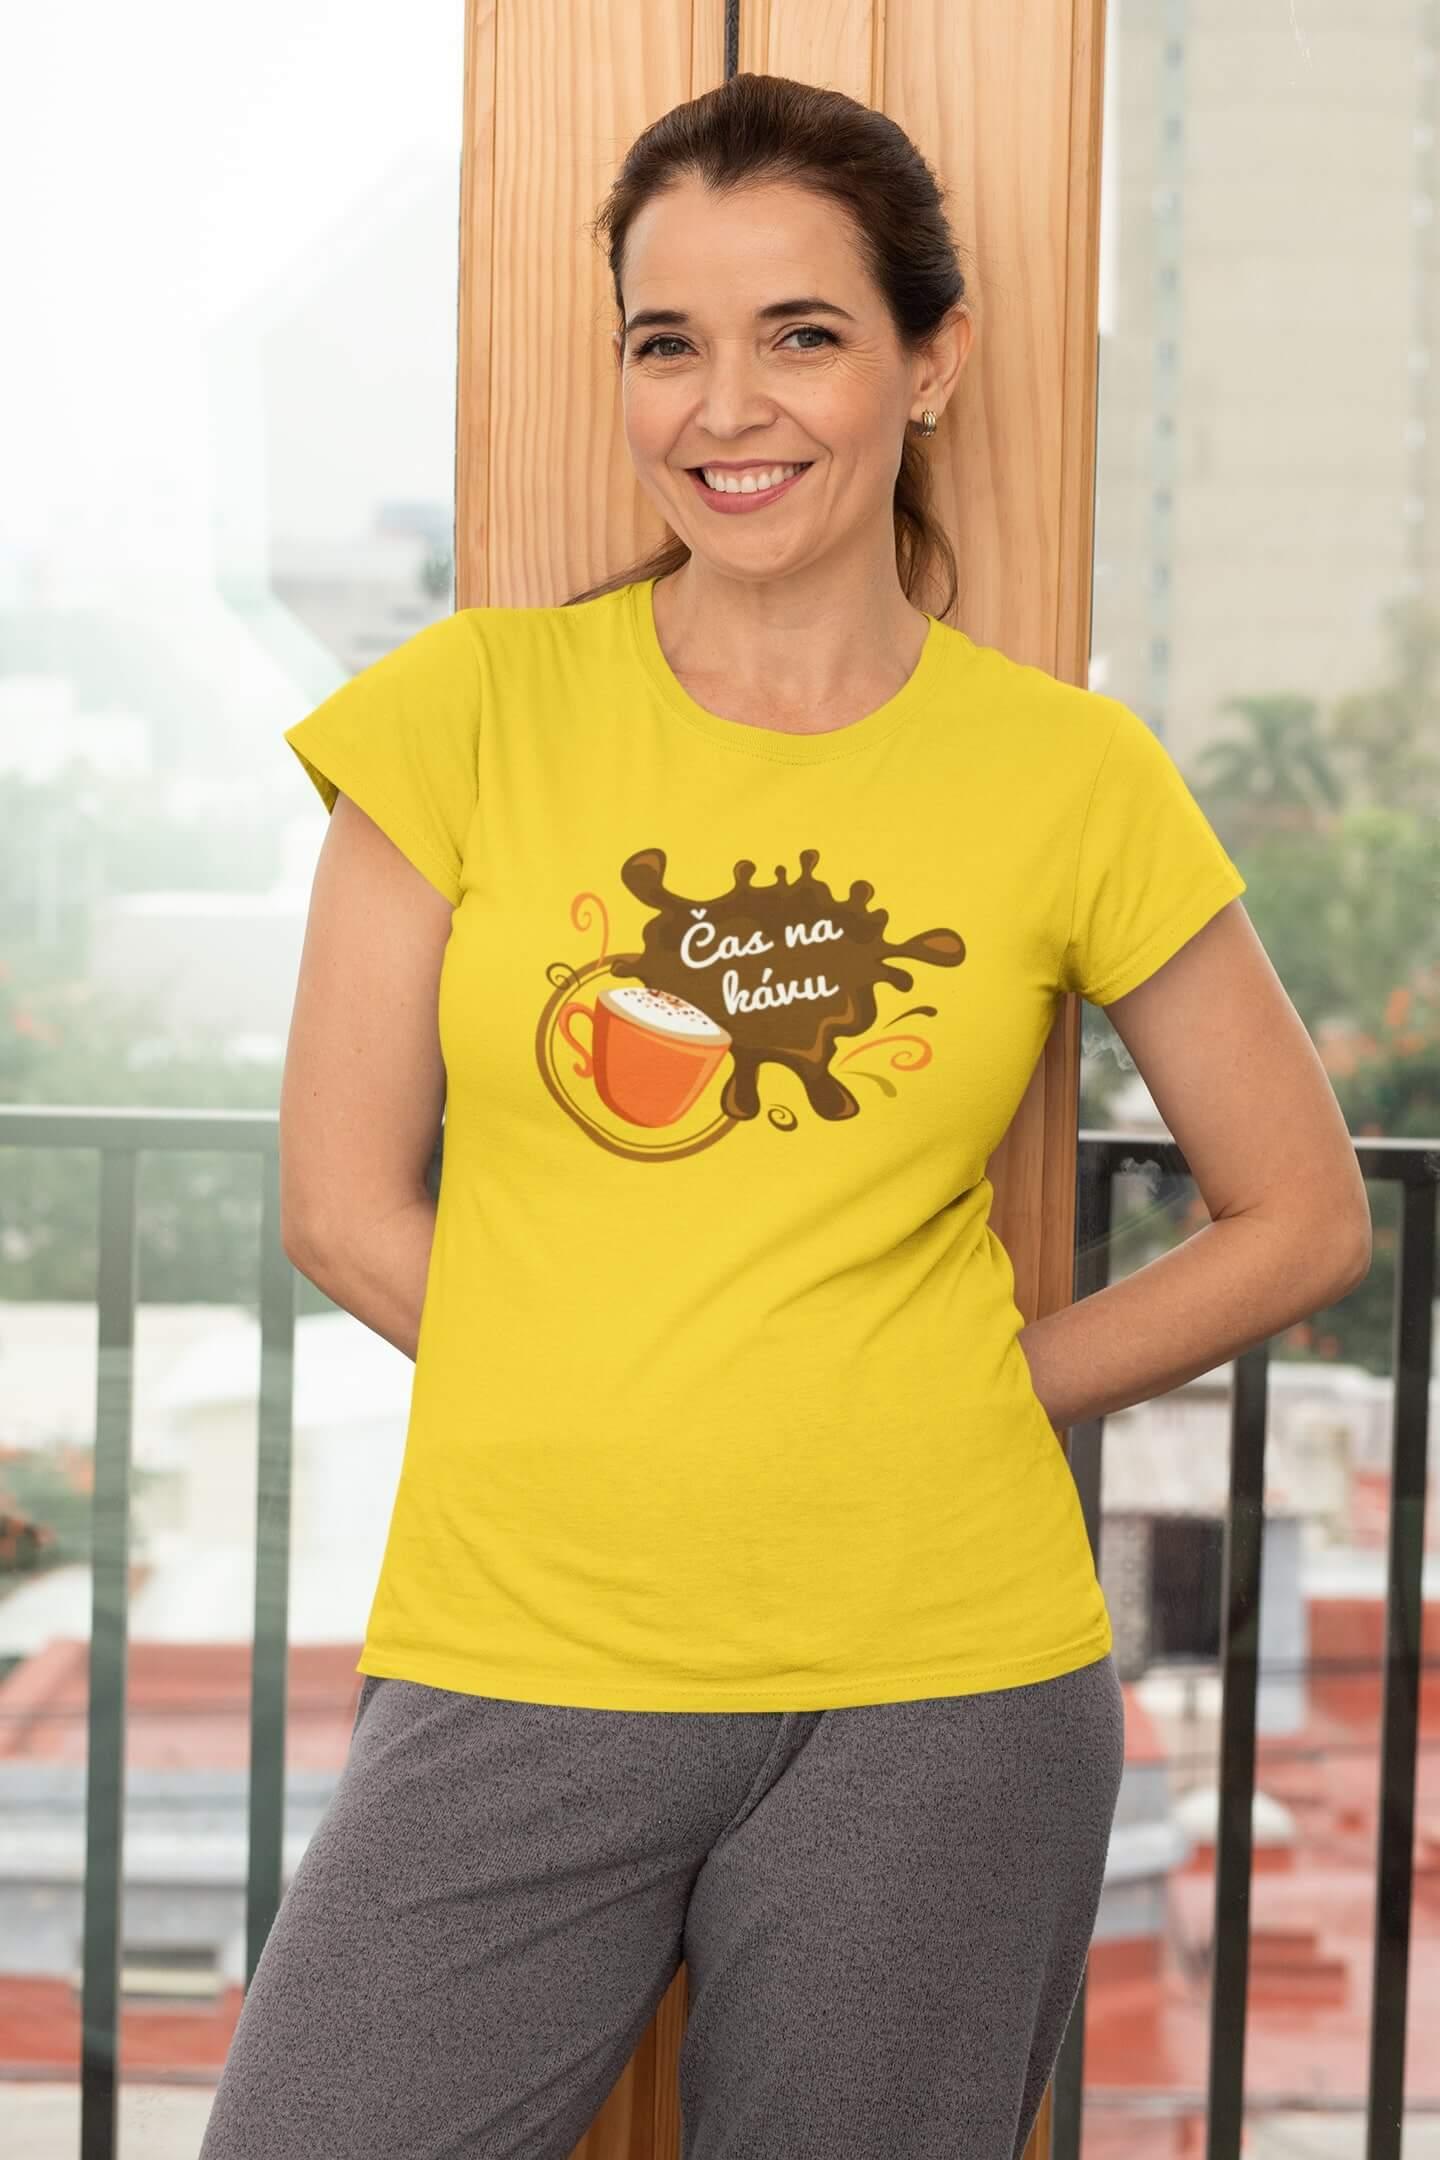 MMO Dámske tričko Čas na kávu Vyberte farbu: Žltá, Dámska veľkosť: XS